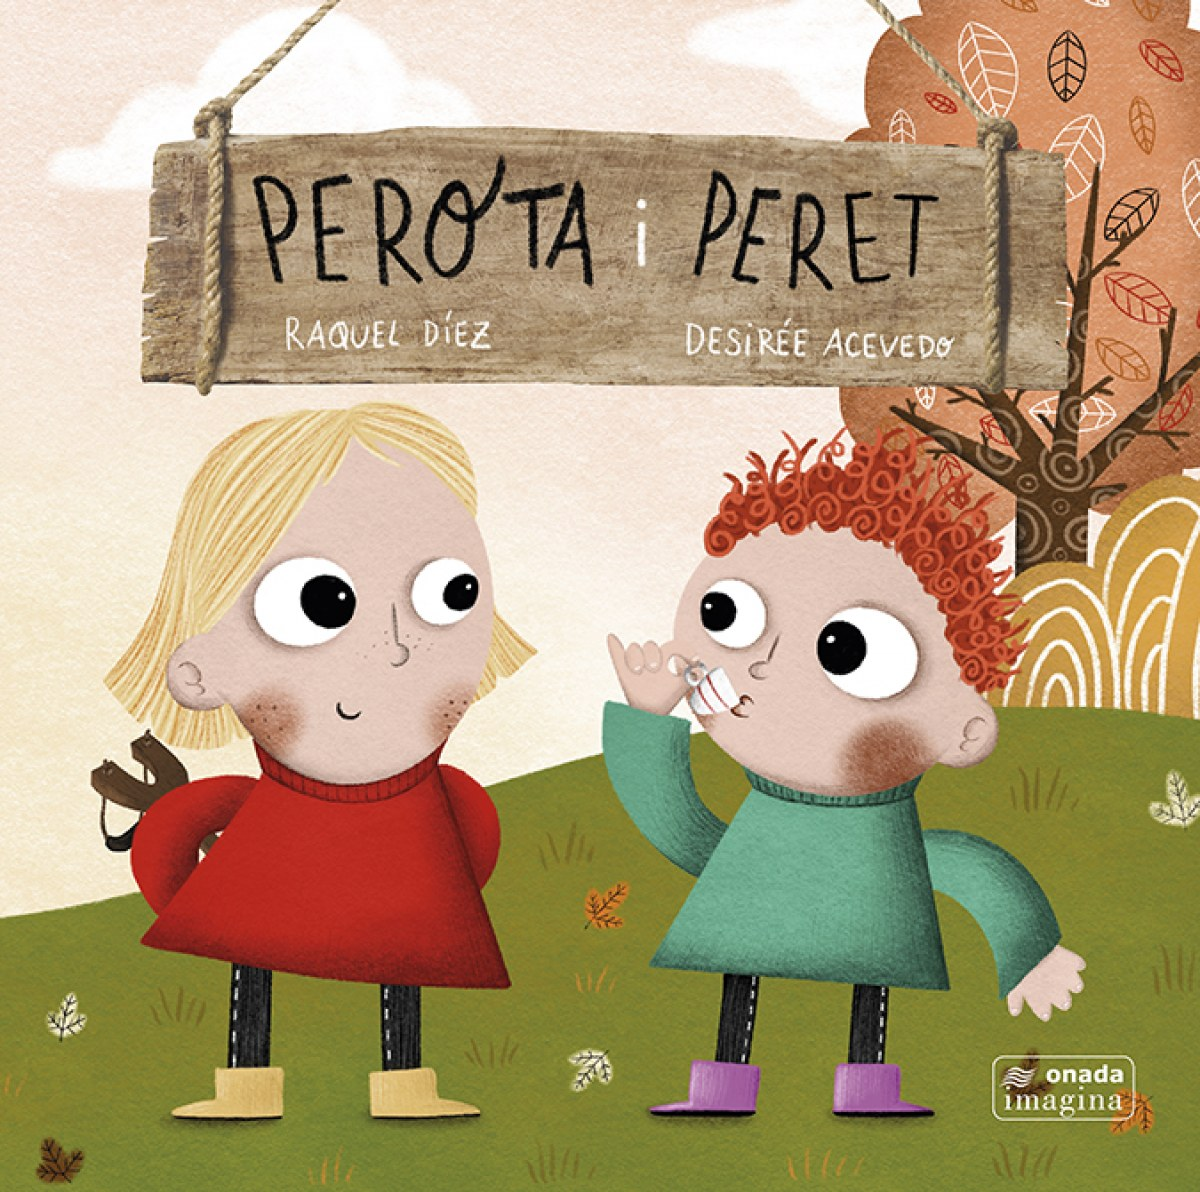 Perota i Peret